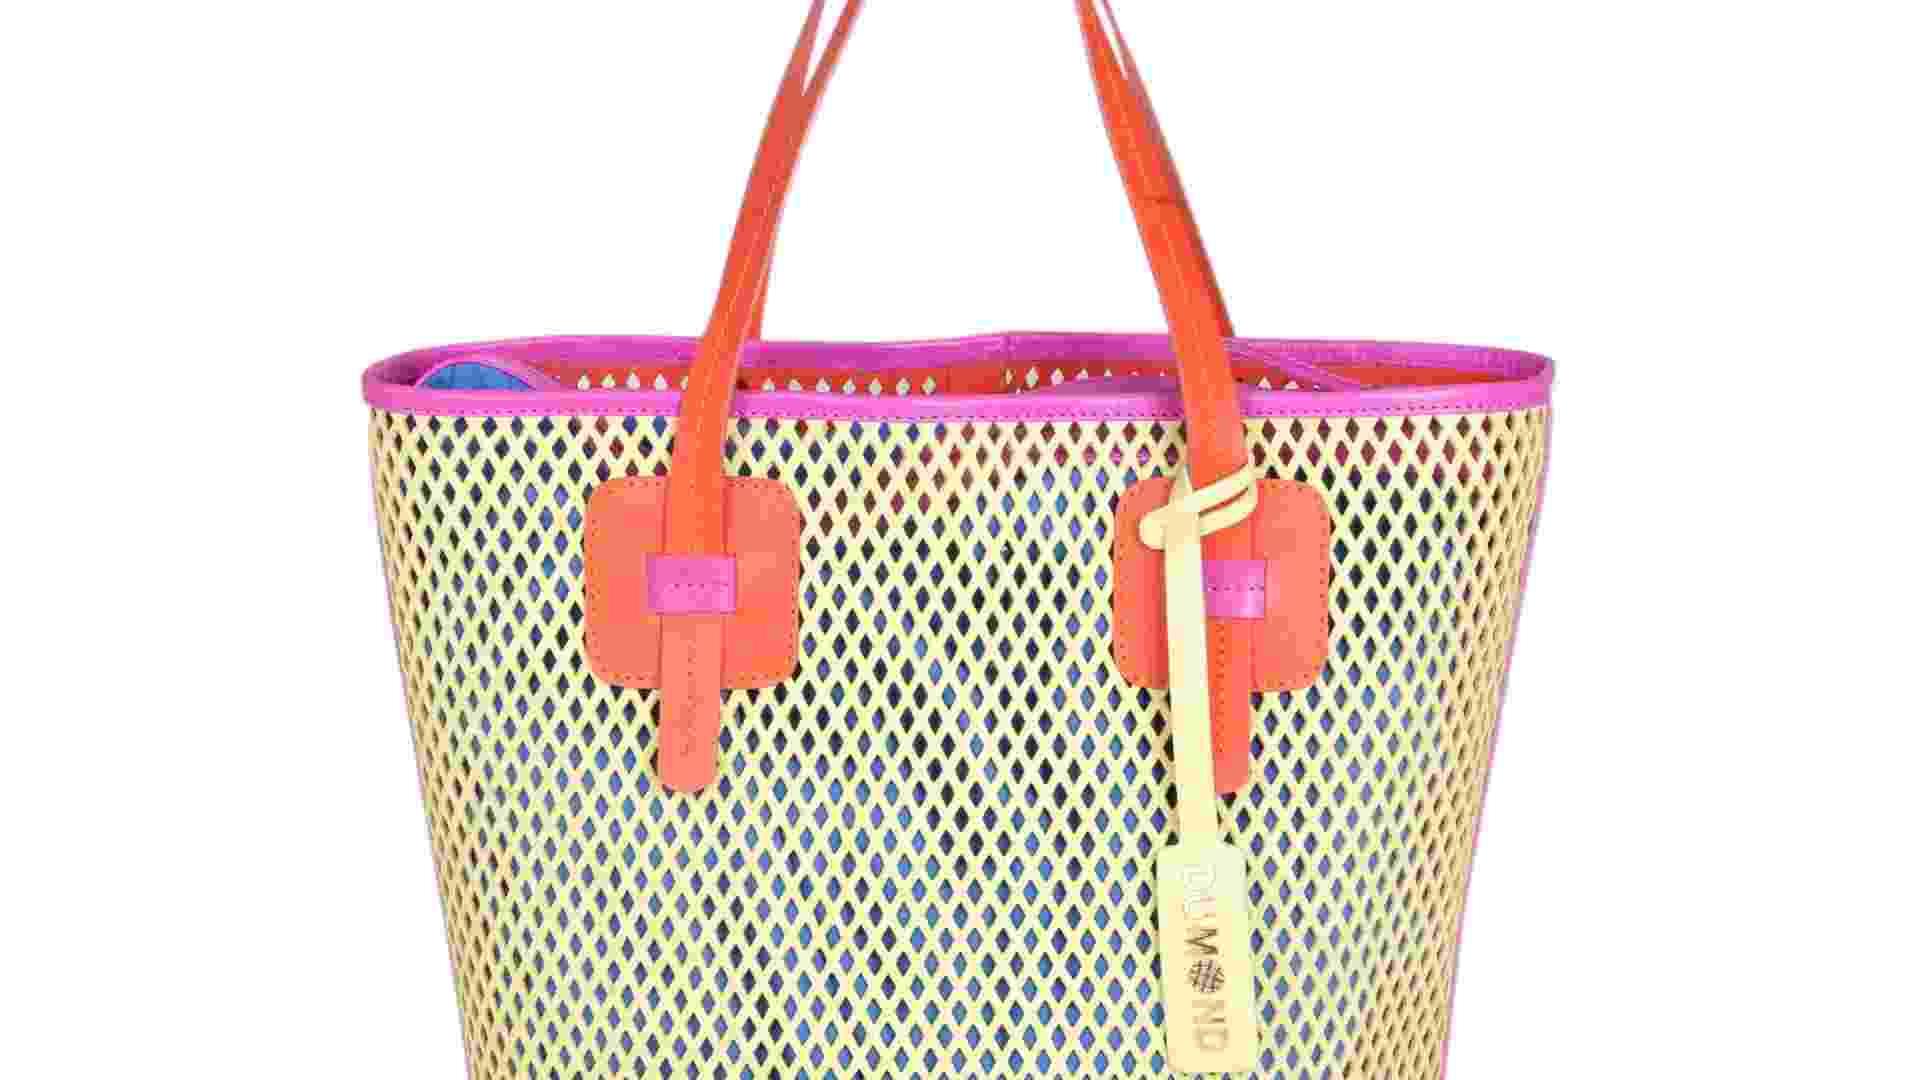 Bolsa vazada em tons de neon; R$ 499, na Dumond (www.dumond.com.br). Preço pesquisado em janeiro de 2013 e sujeito a alterações - Divulgação